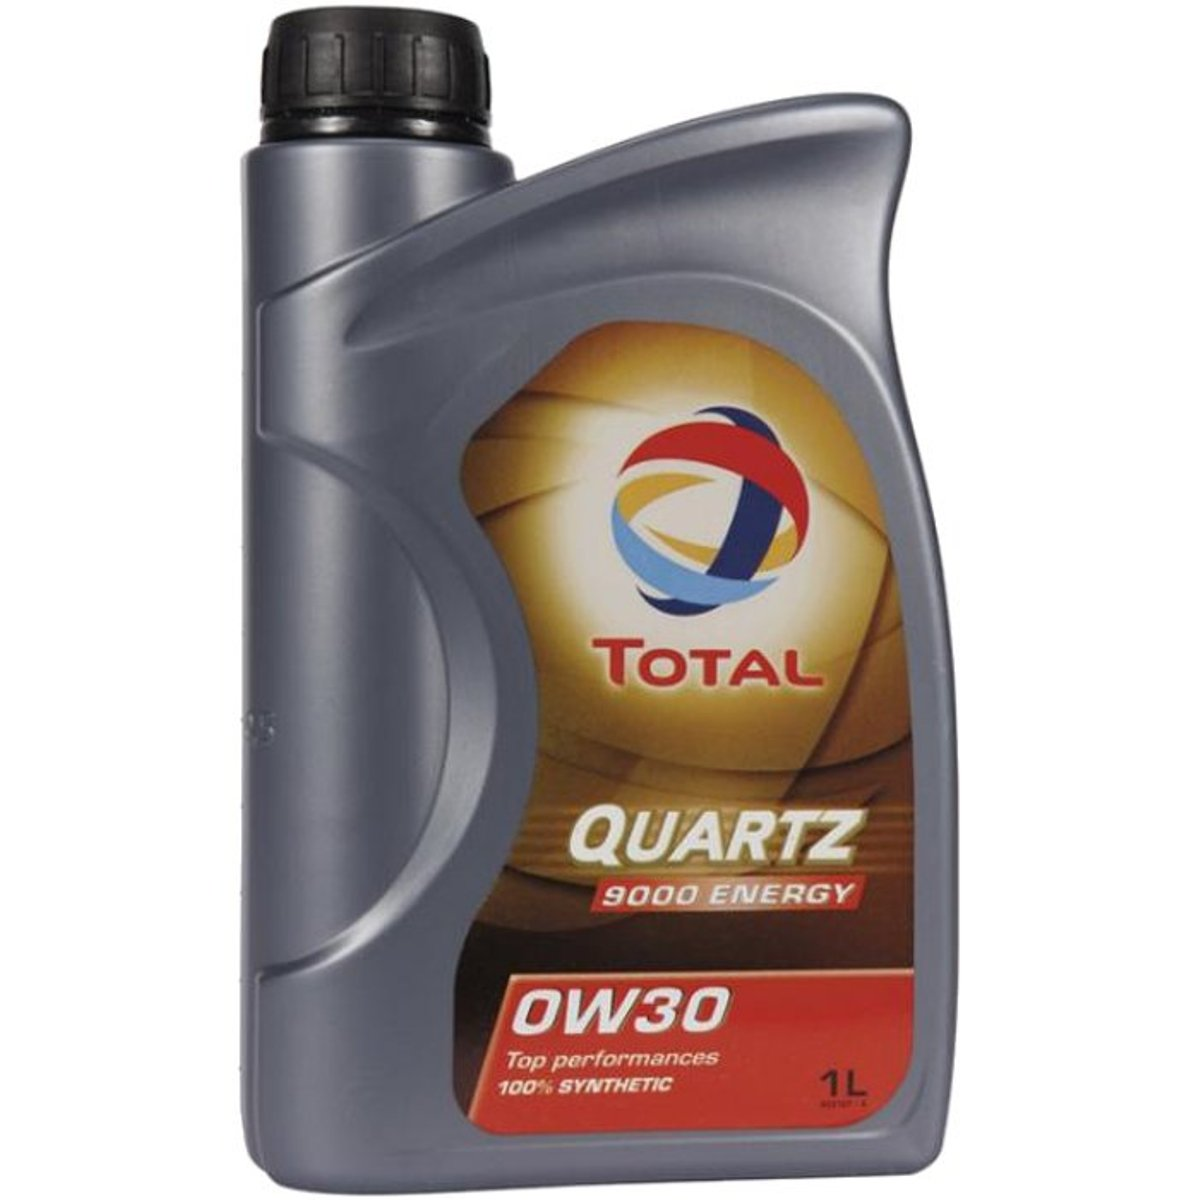 """Моторное масло Total """"Quartz 9000 Energy 0W30"""", 1 л"""